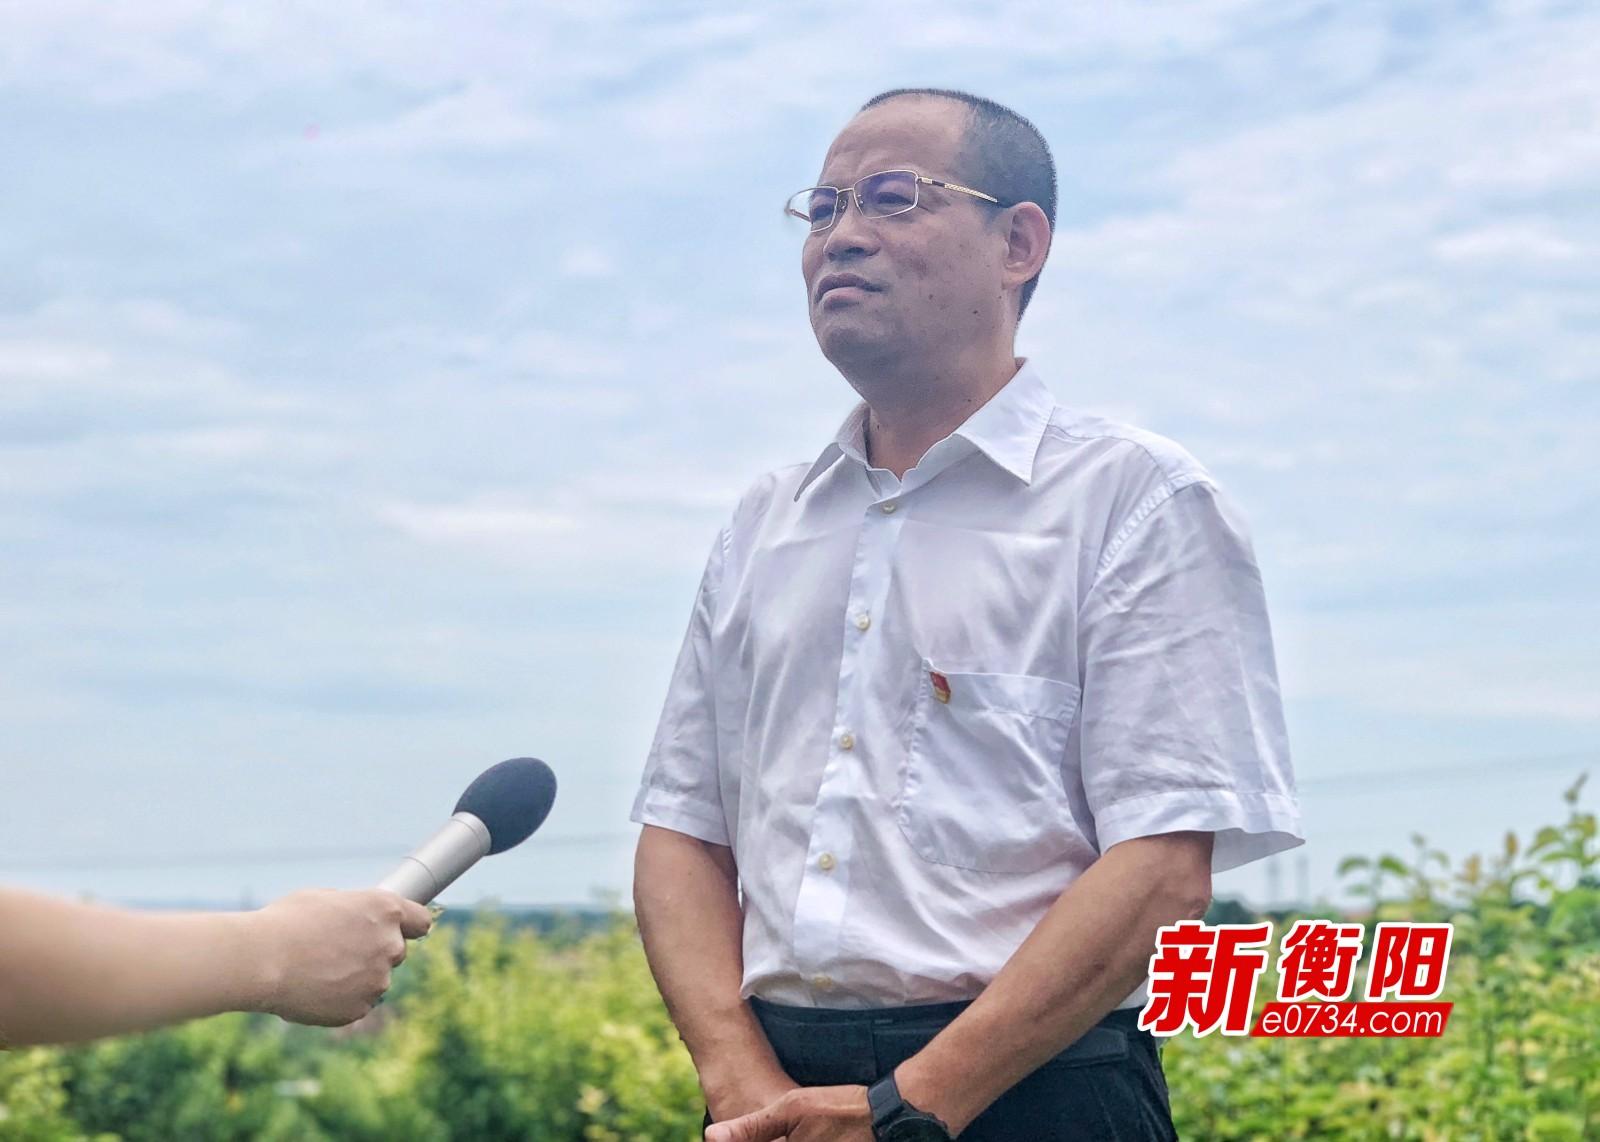 珠暉區委書記陳禮洋:因地制宜建設美麗宜居村莊